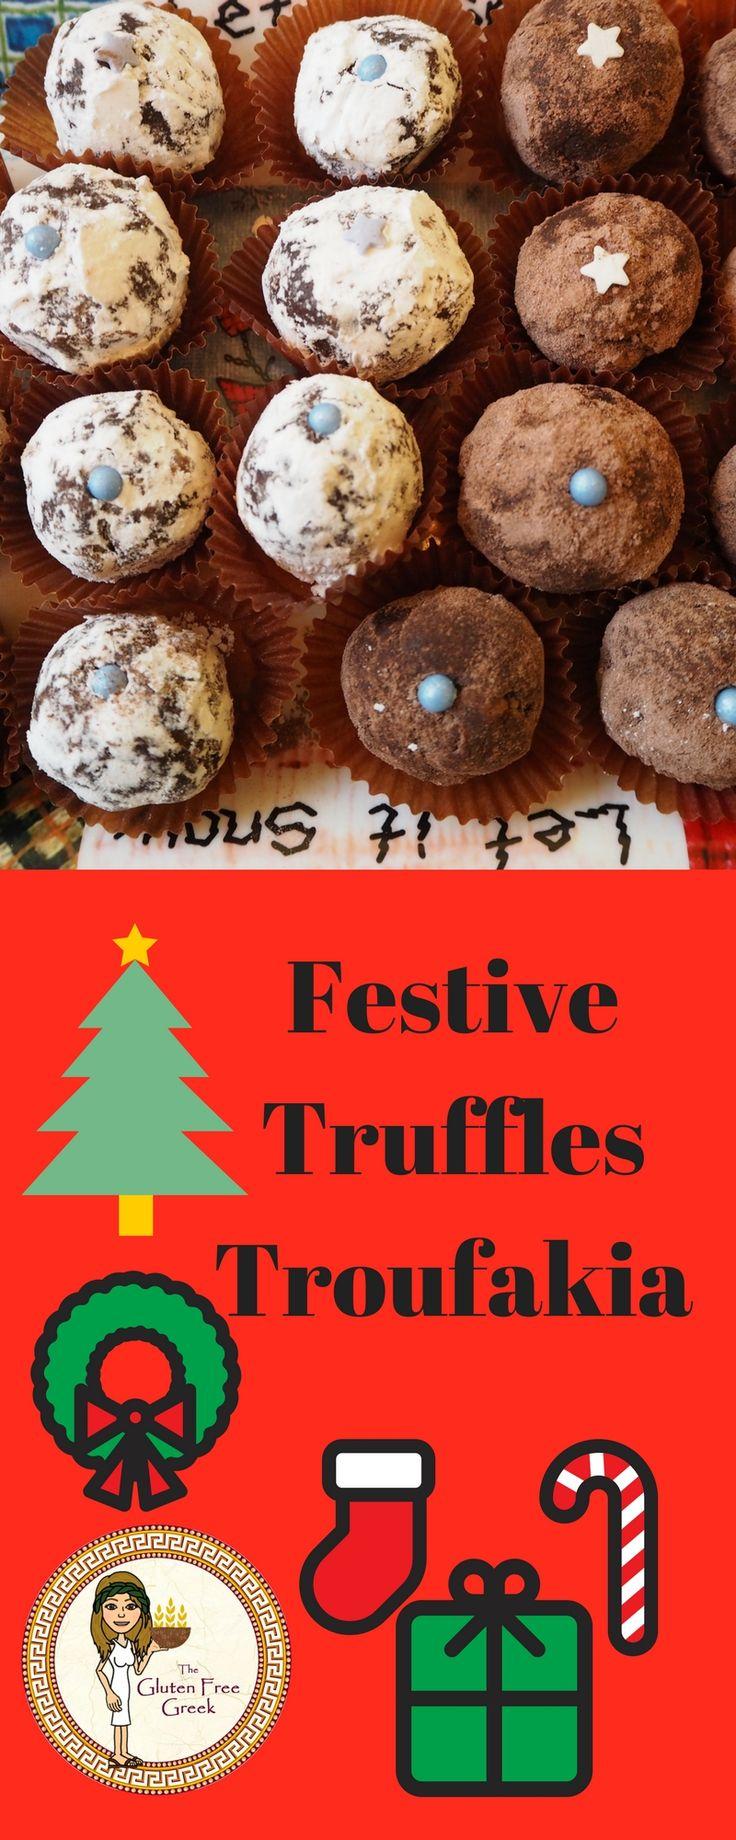 Festive Truffles Troufakia Gluten Free, Wheat Free